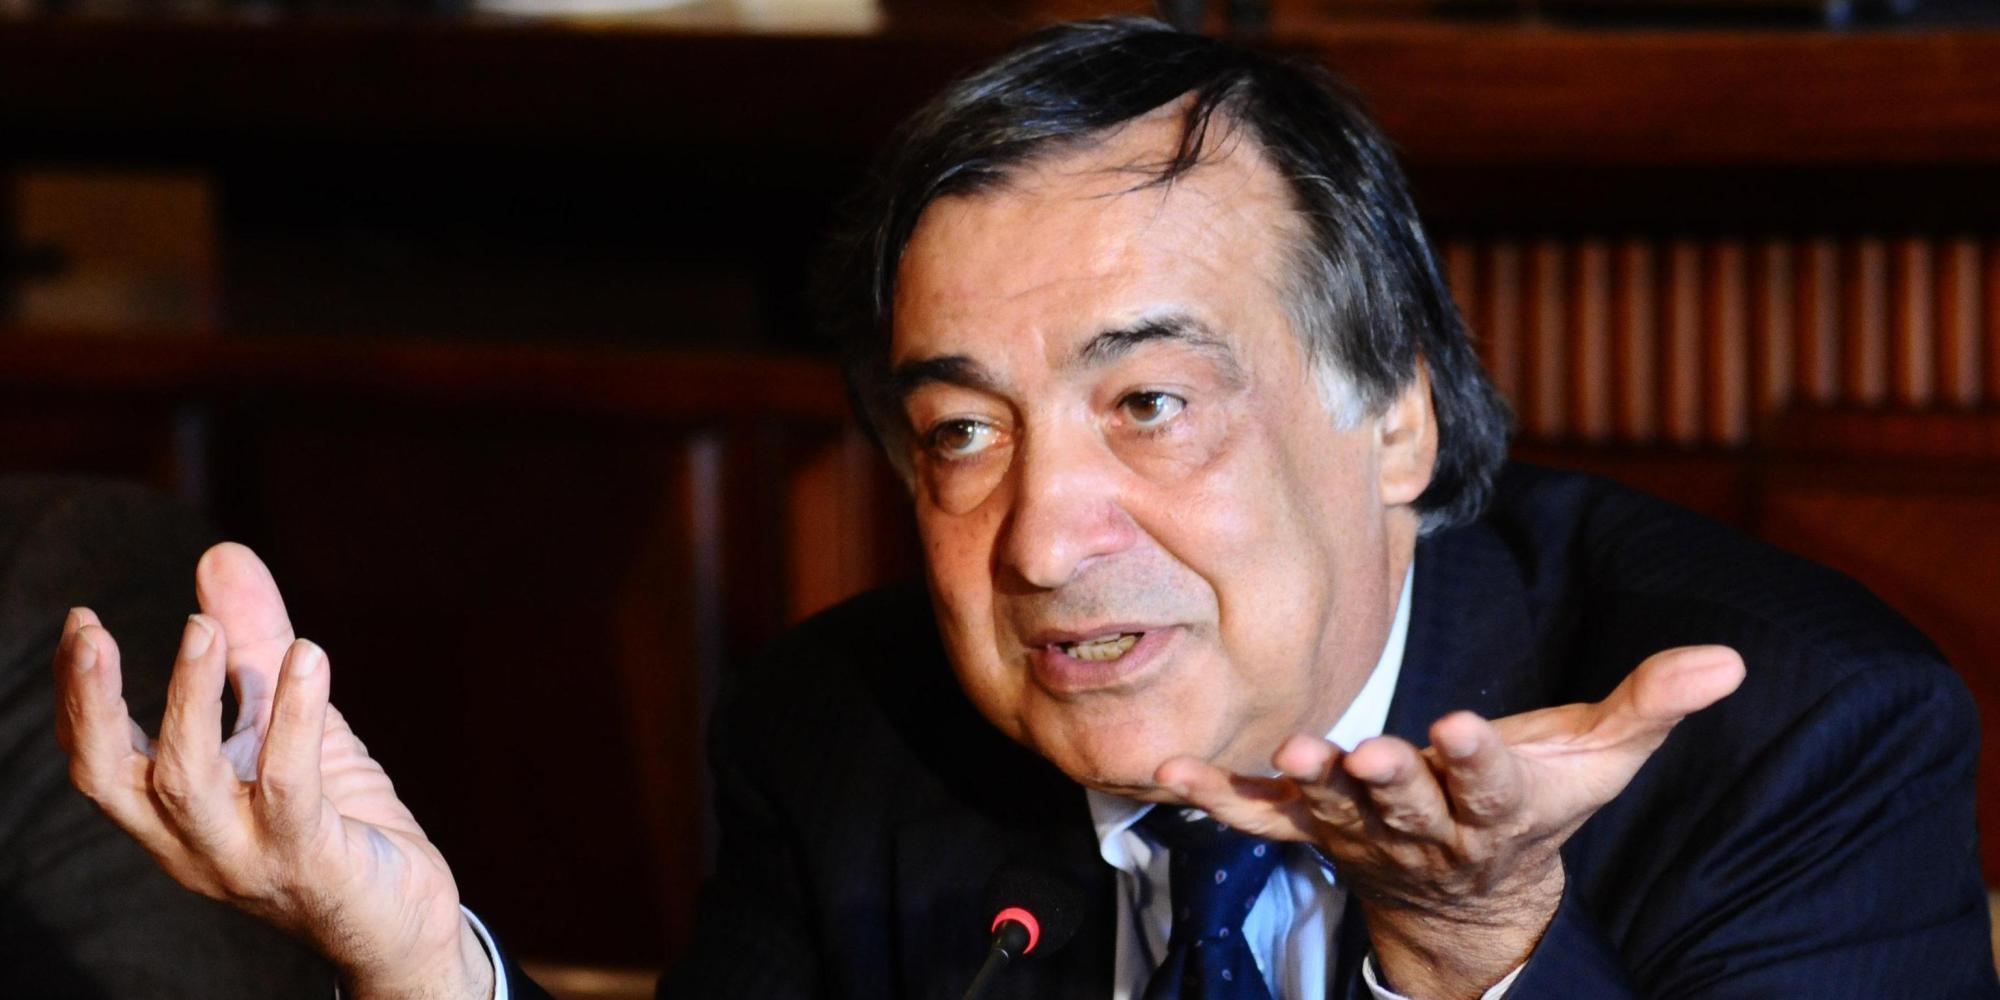 Contratti con le partecipate, M5s chiede dimissioni sindaco di Palermo